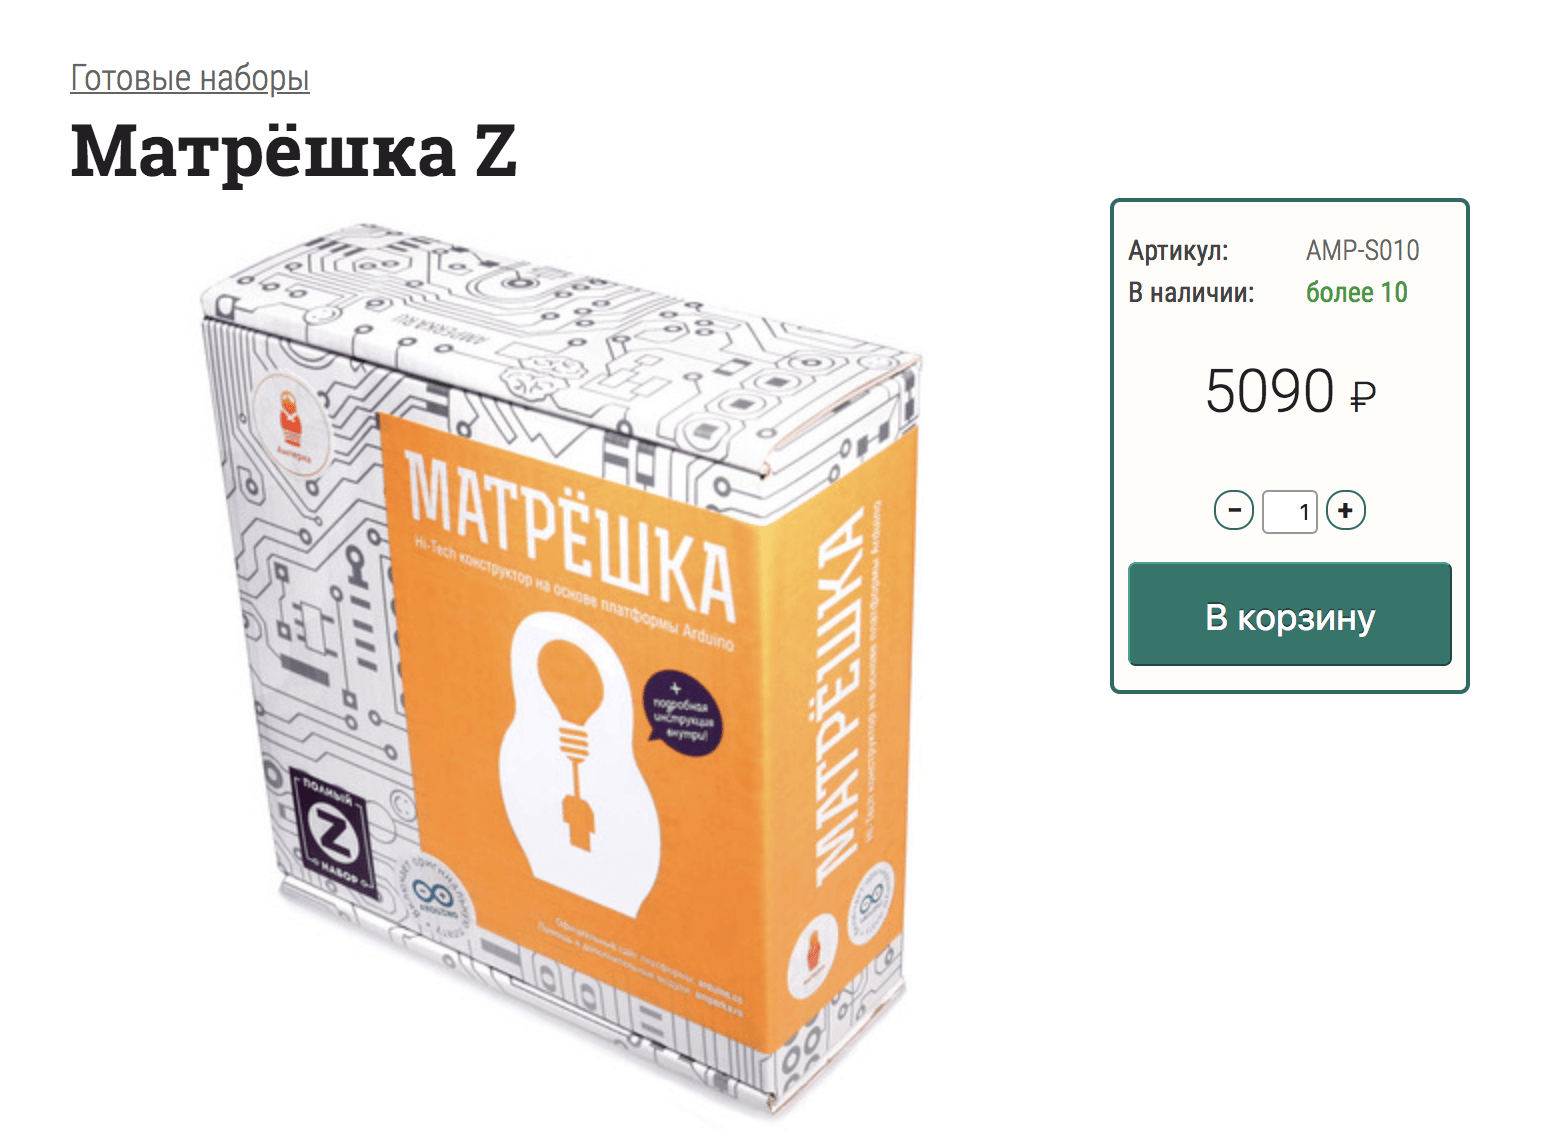 Наборы «Матрешка» в «Амперке» продают до сих пор